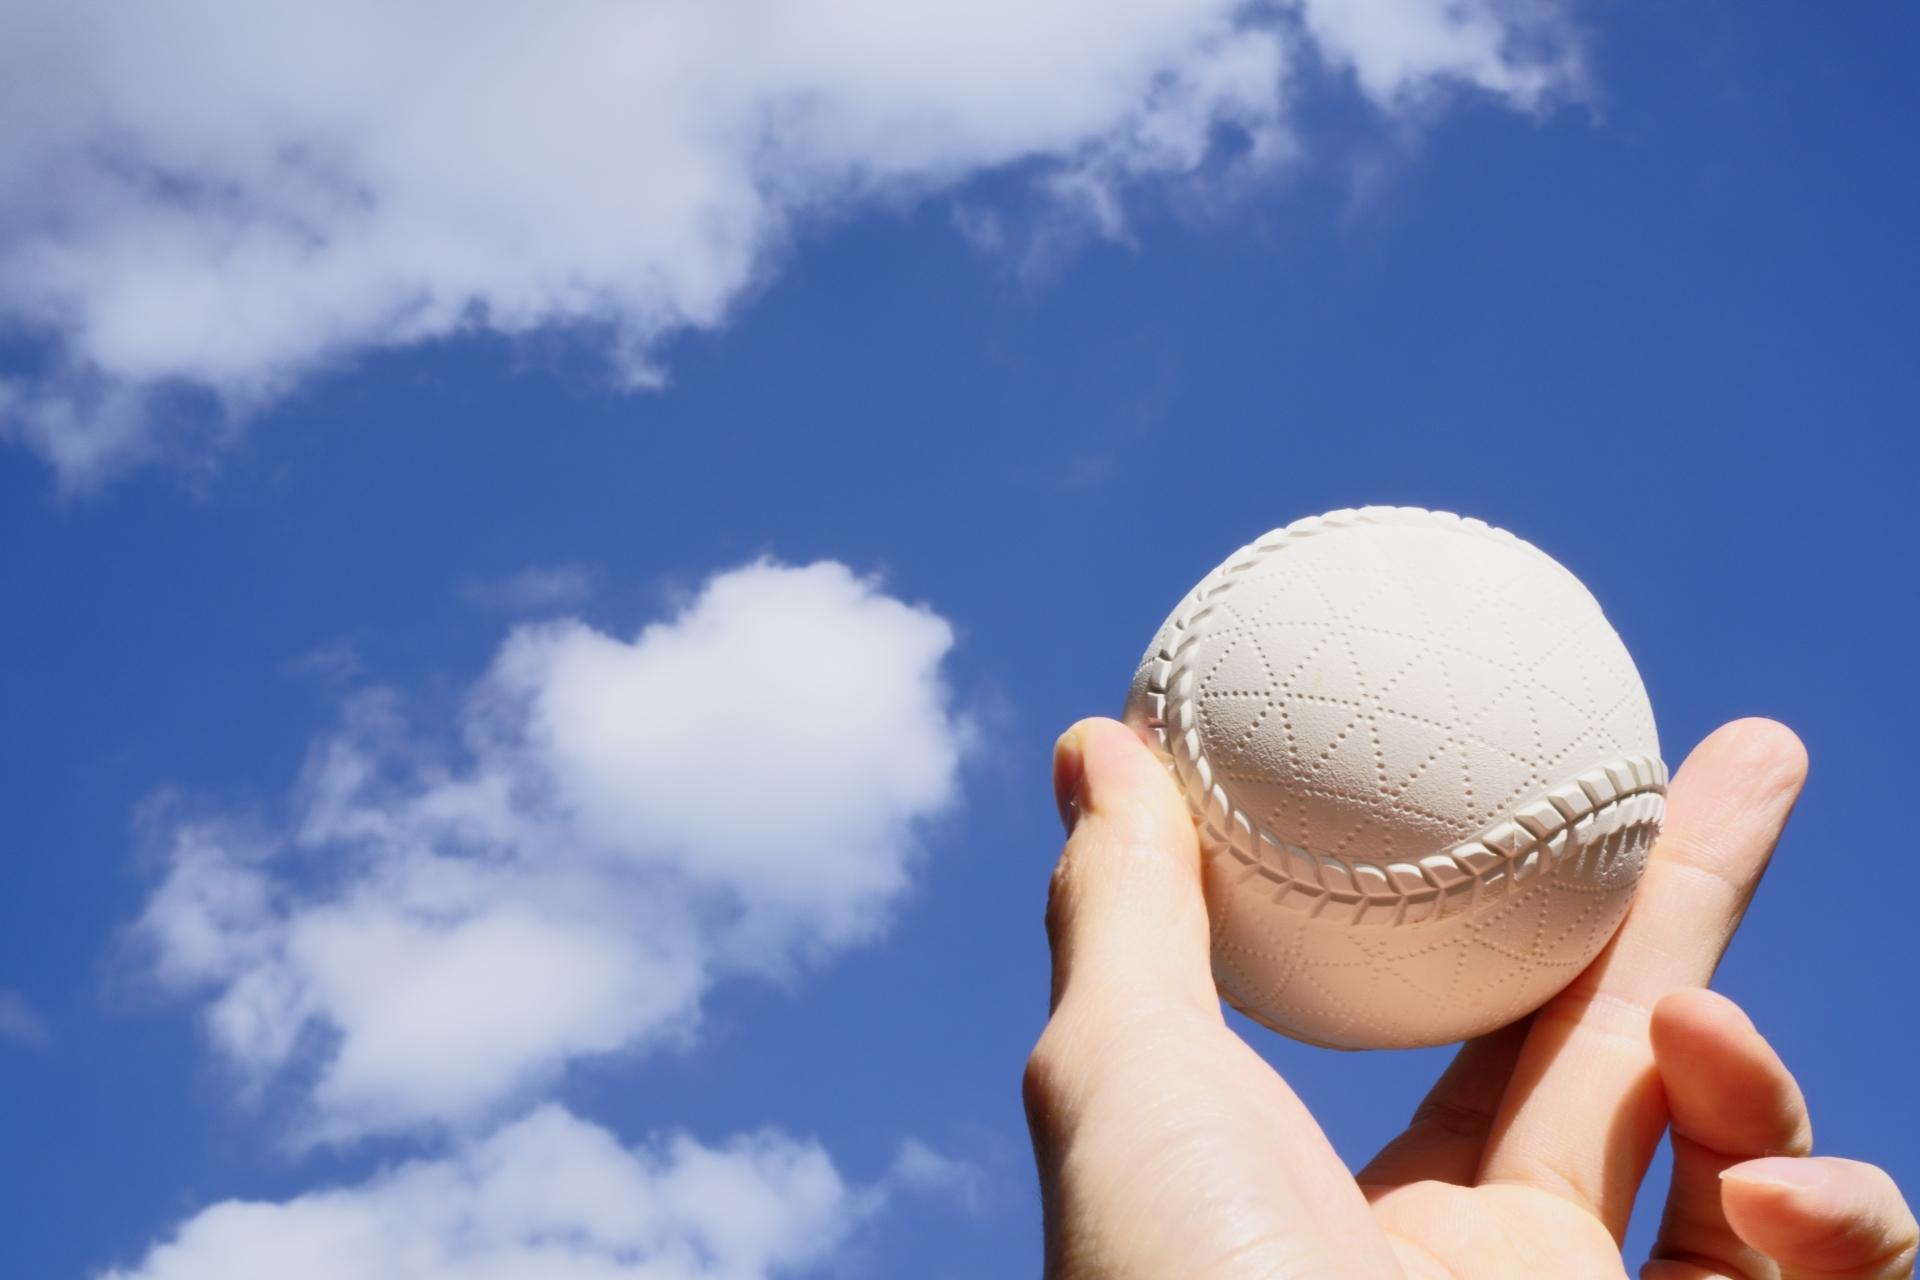 野球イップス克服を希望する方へ|症状・原因・克服法・改善例を解説